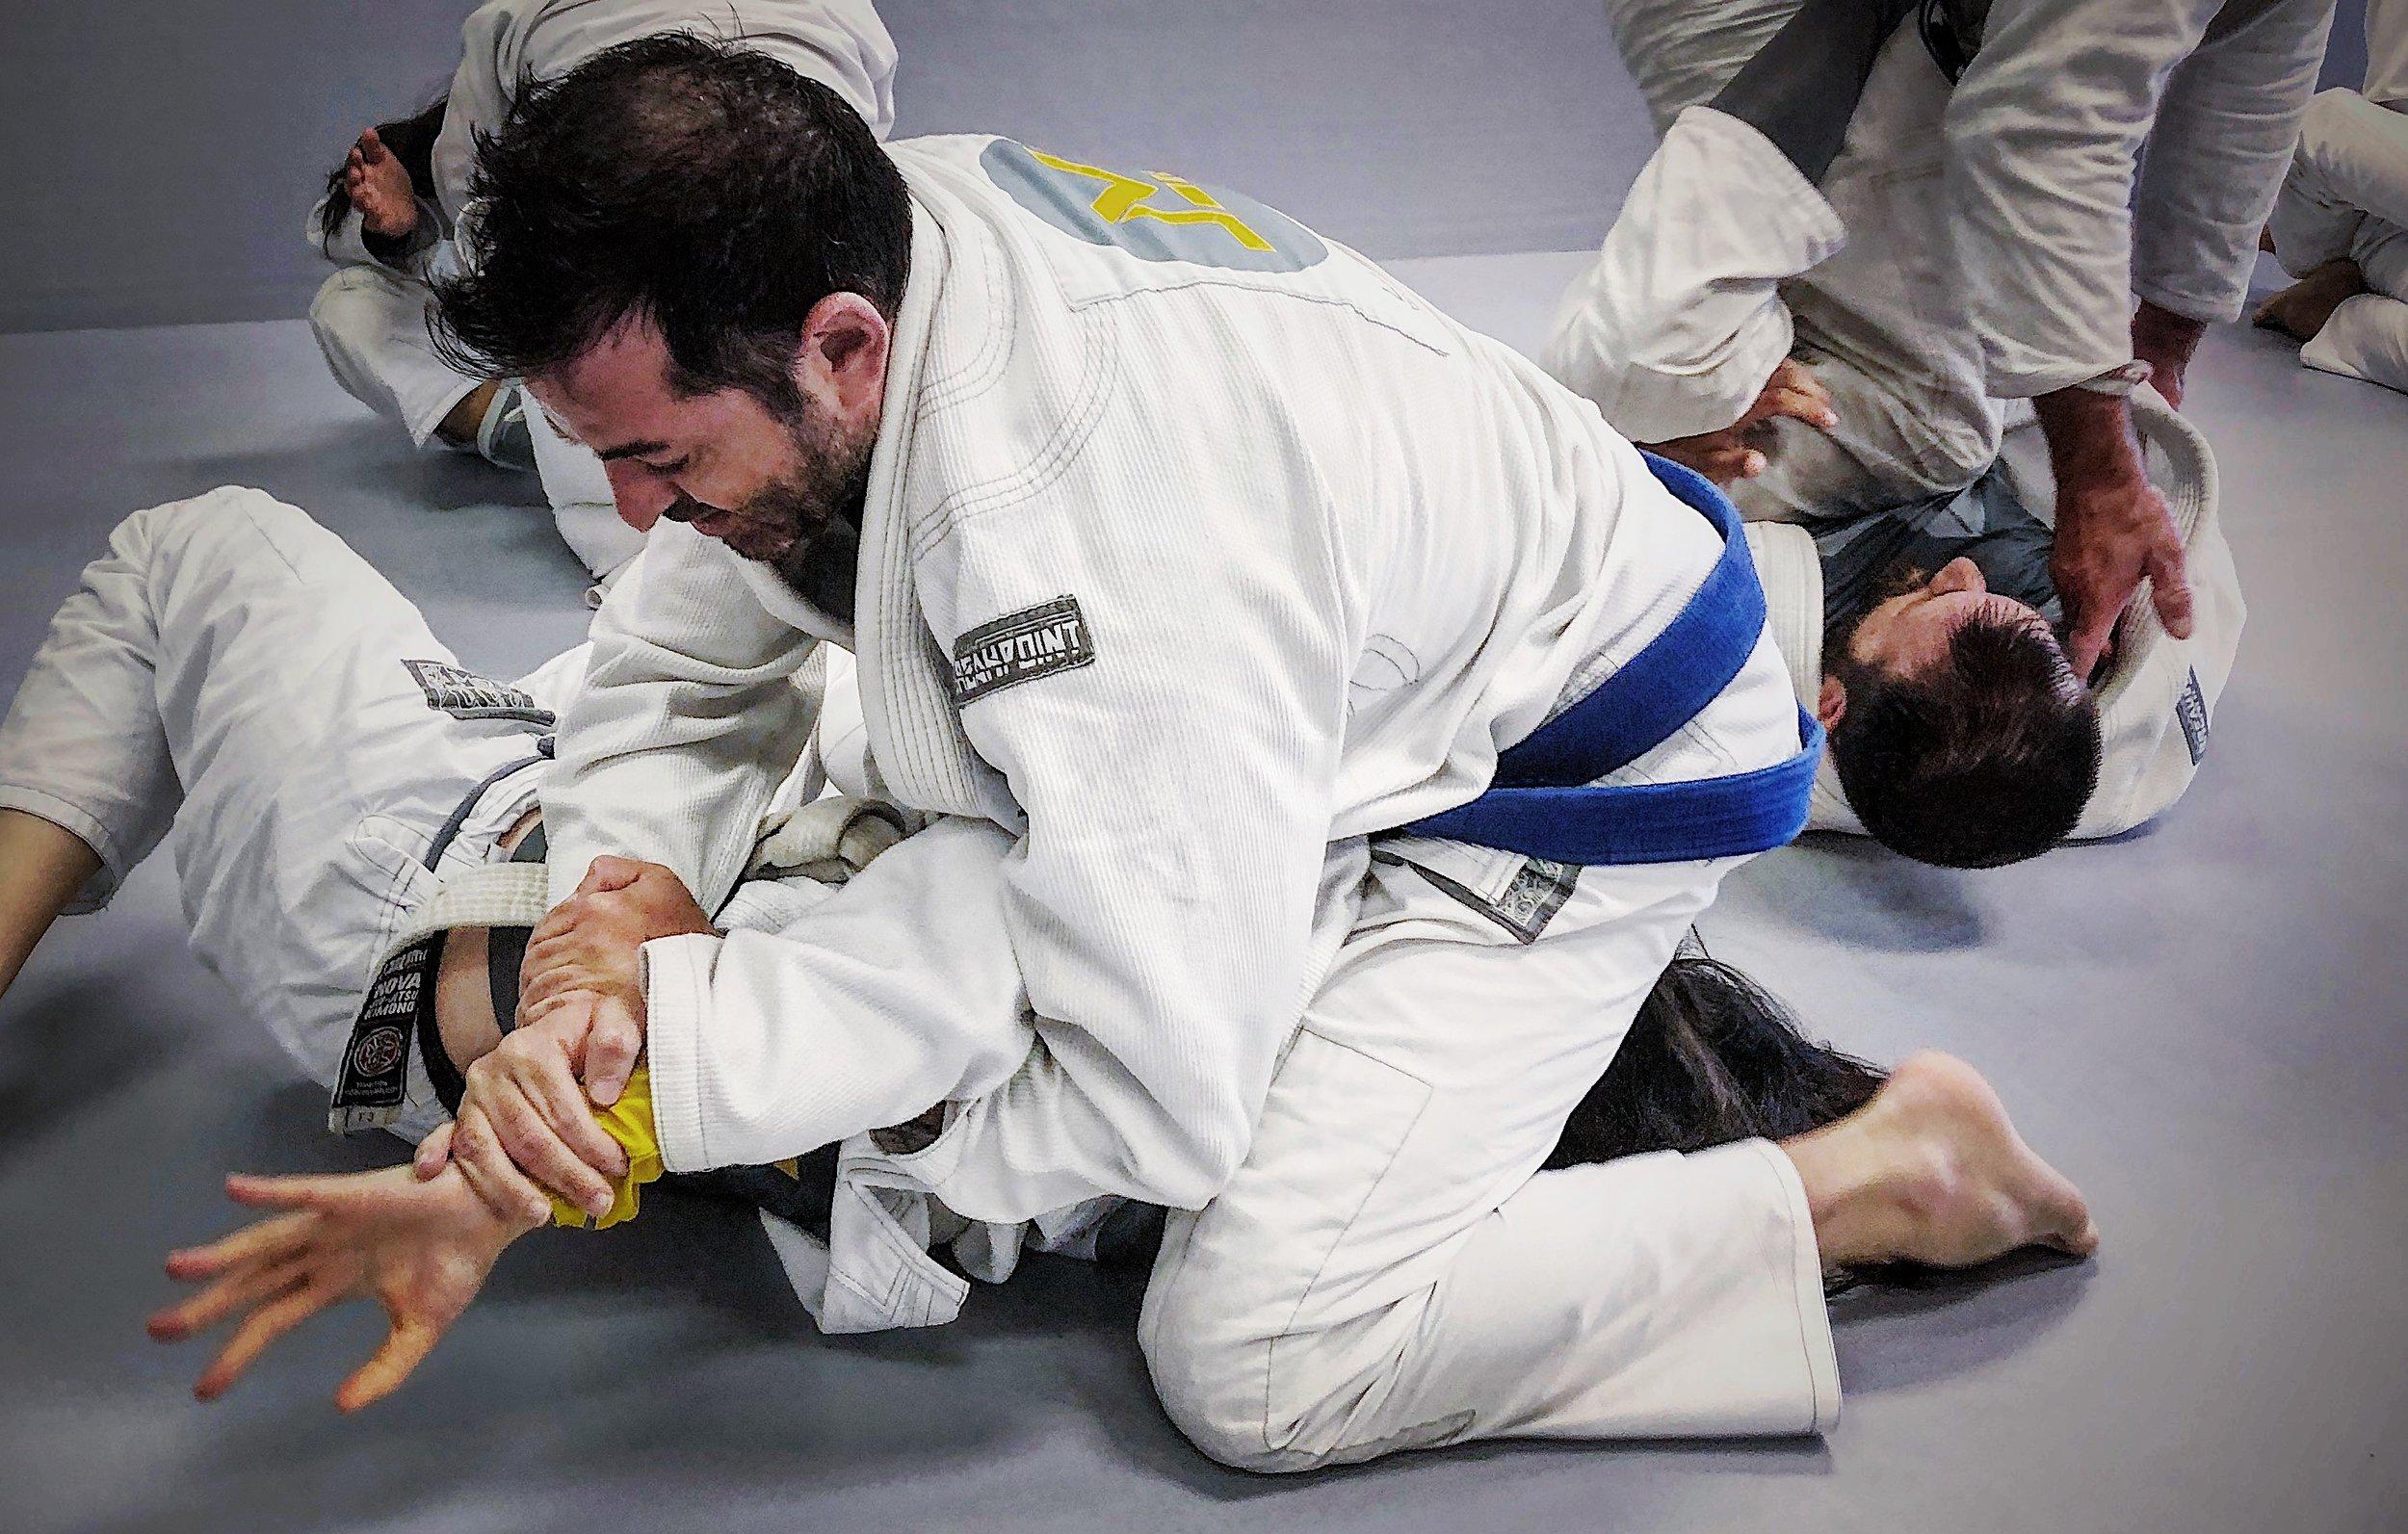 Brazilian Jiu Jitsu in Woodland Hills, CA.